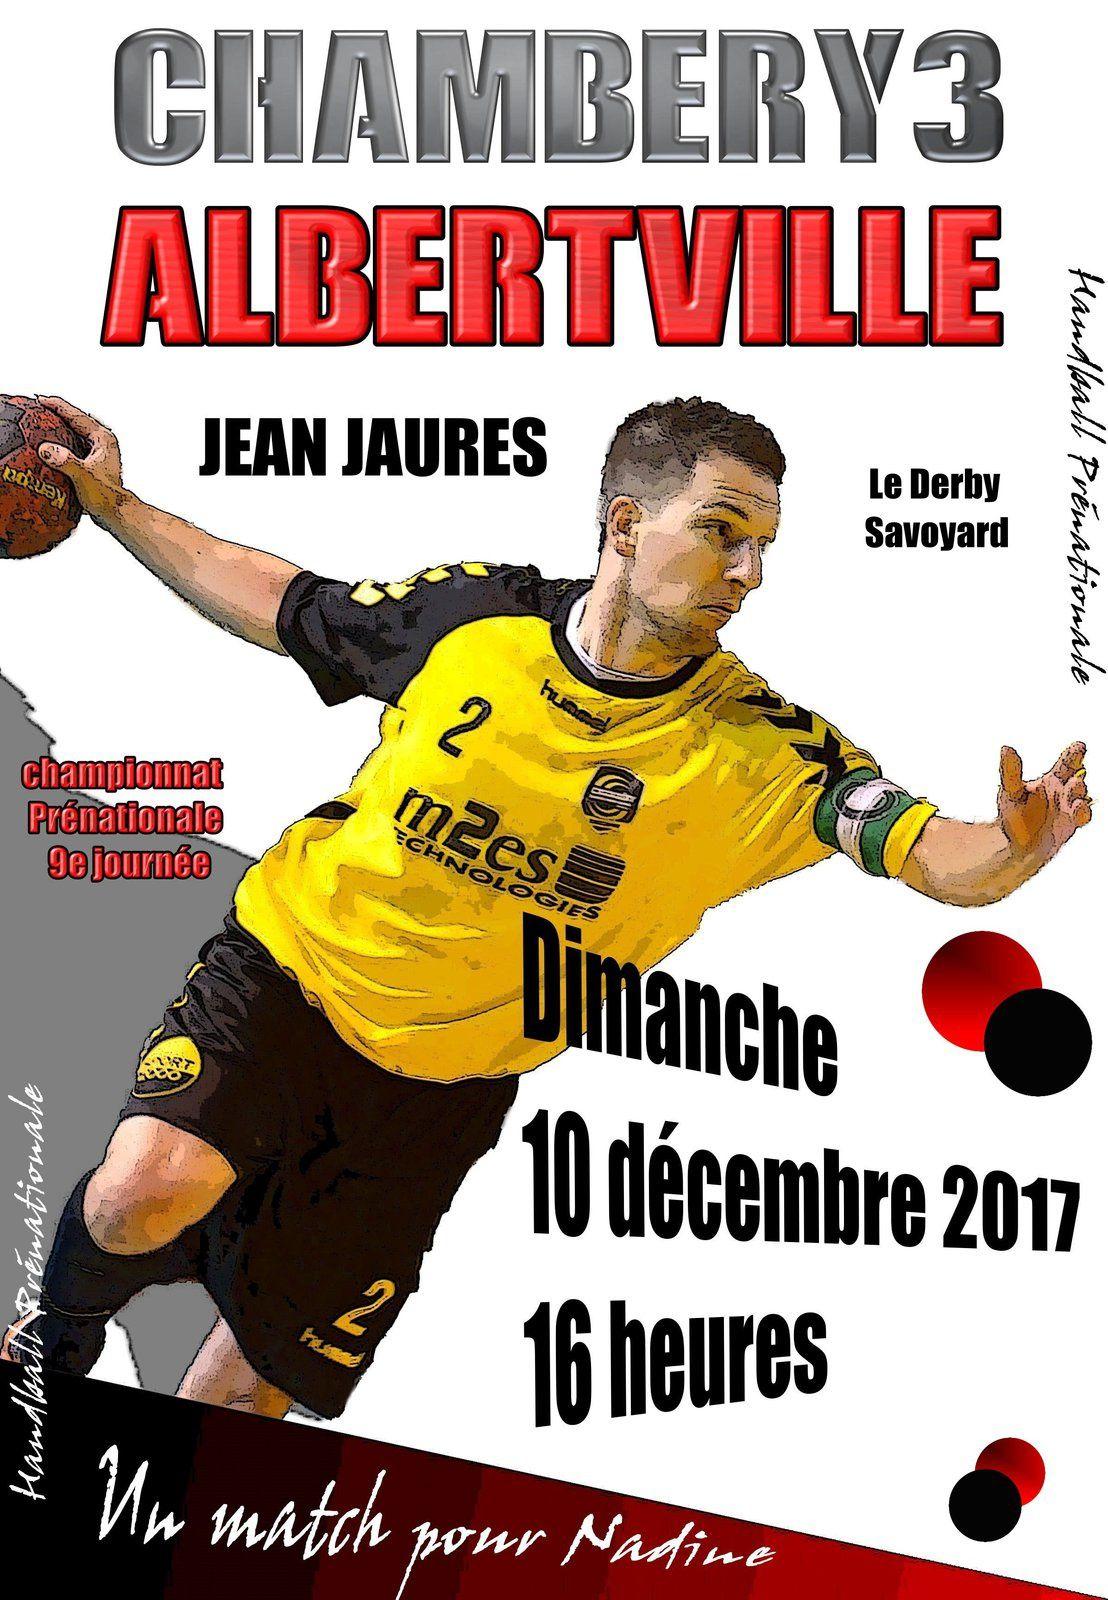 Prénationale, pour Thierry COINTY les matchs entre Chambéry et Albertville/Ugine sont toujours particuliers